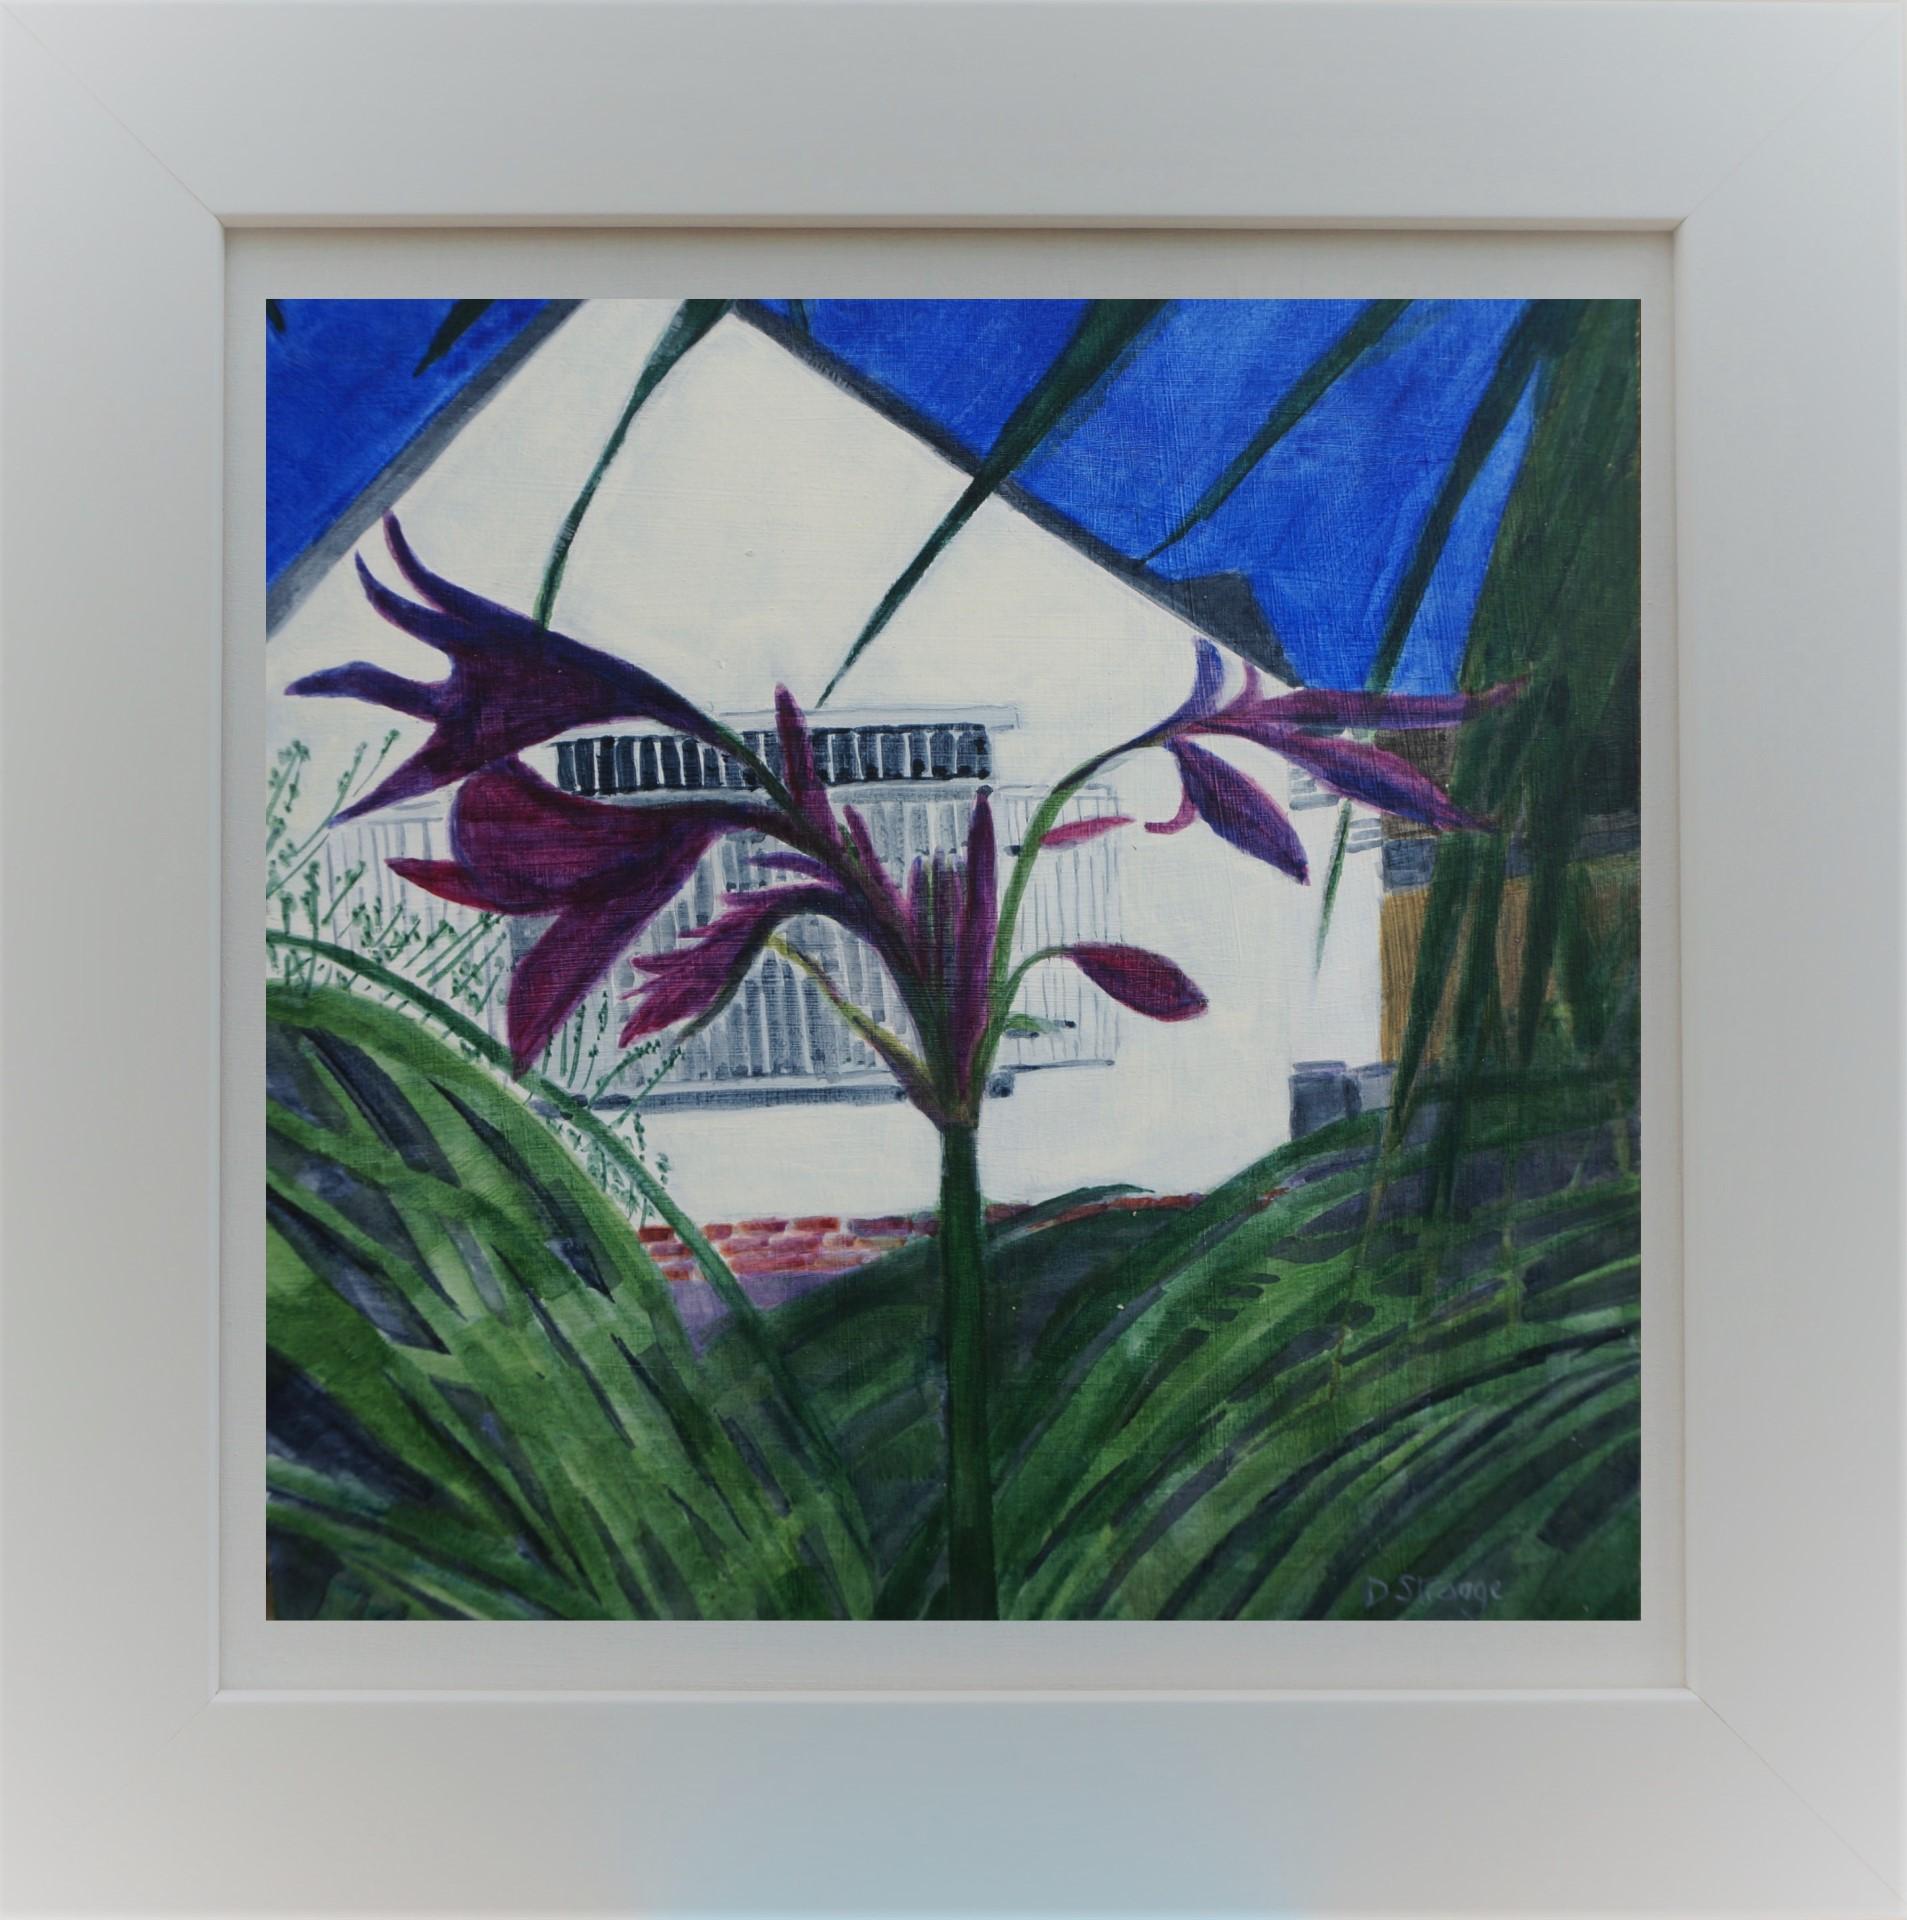 Purple Flowers in Frame 3b